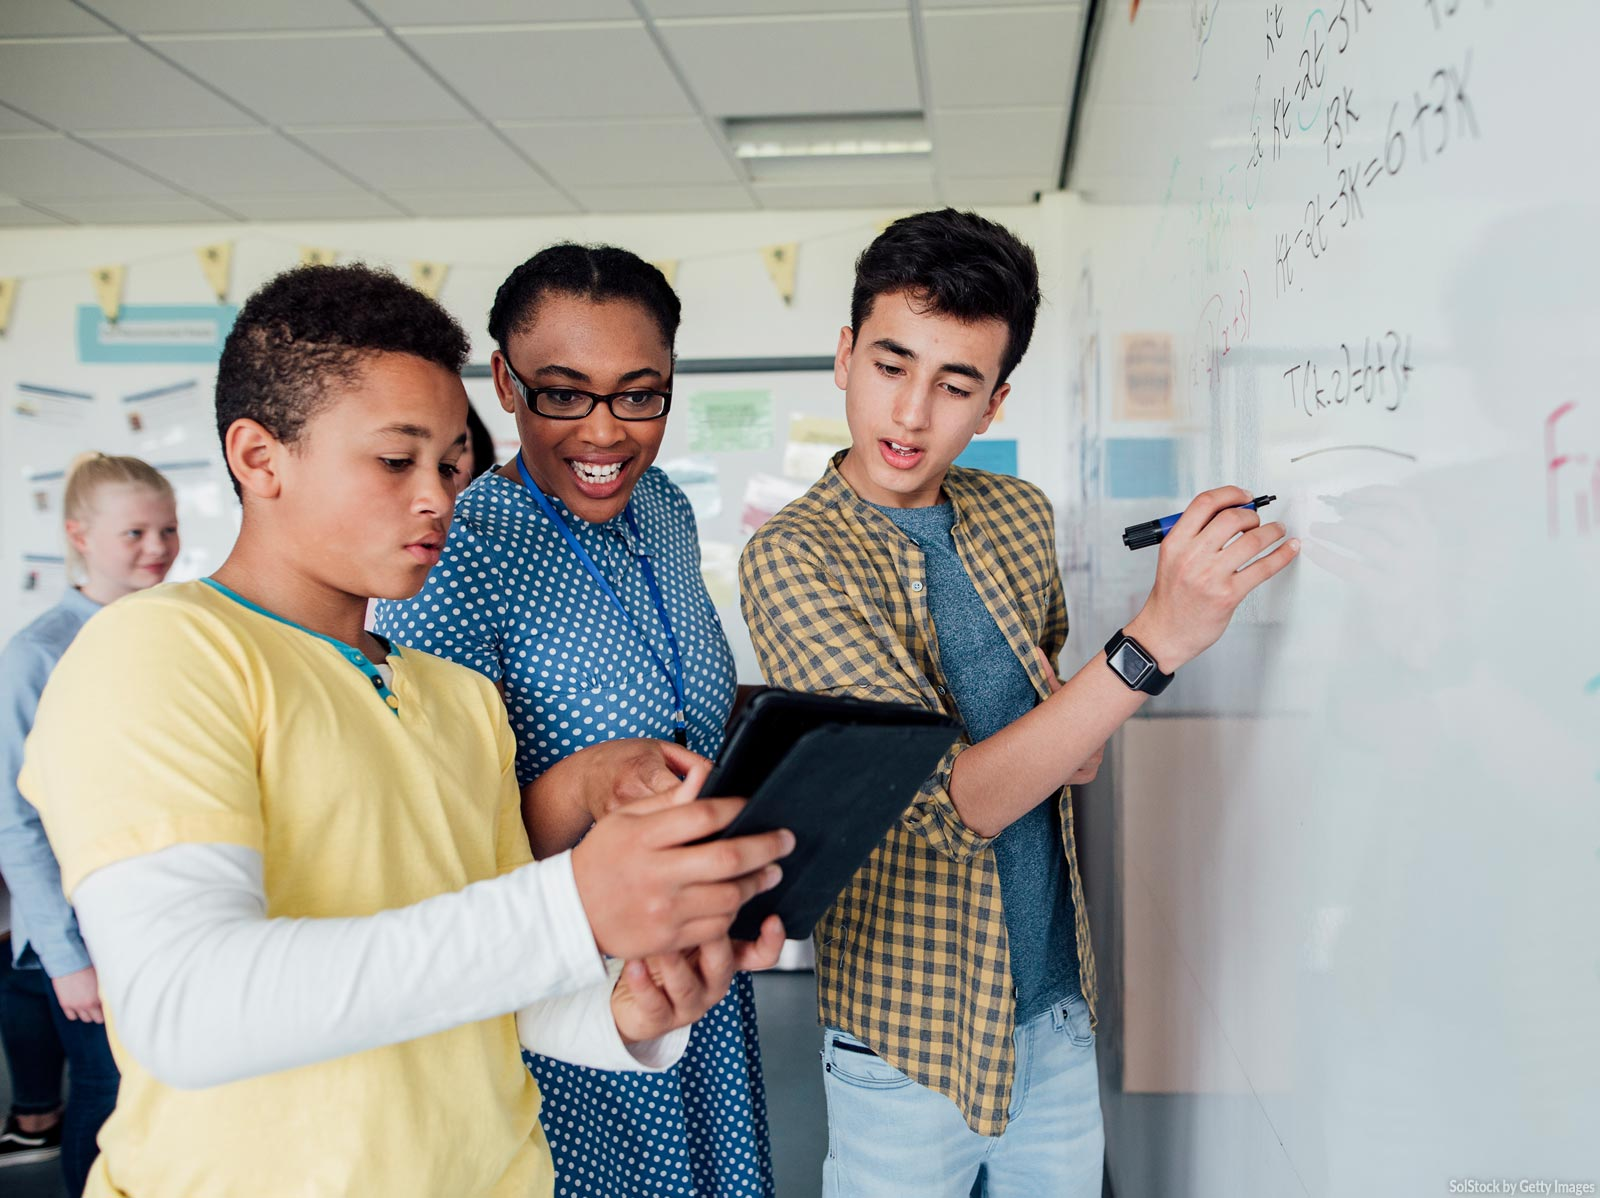 -A-tecnologia-proporciona-novas-oportunidades-e-formas-de-estudo